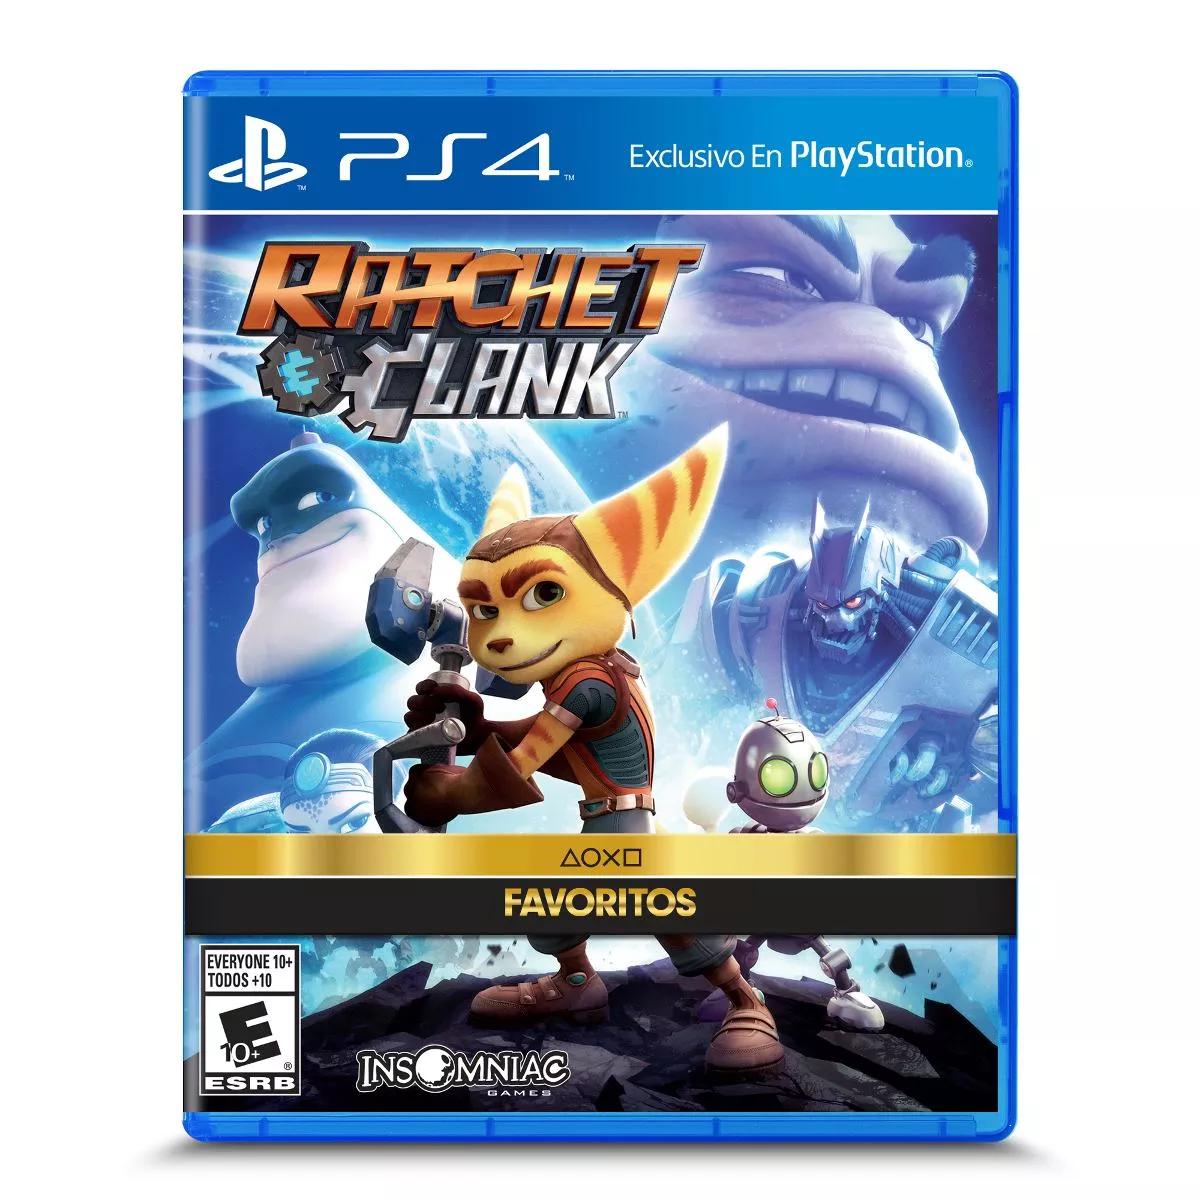 Tienda Sony en Mercado Libre: Ratchet & Clank PS4